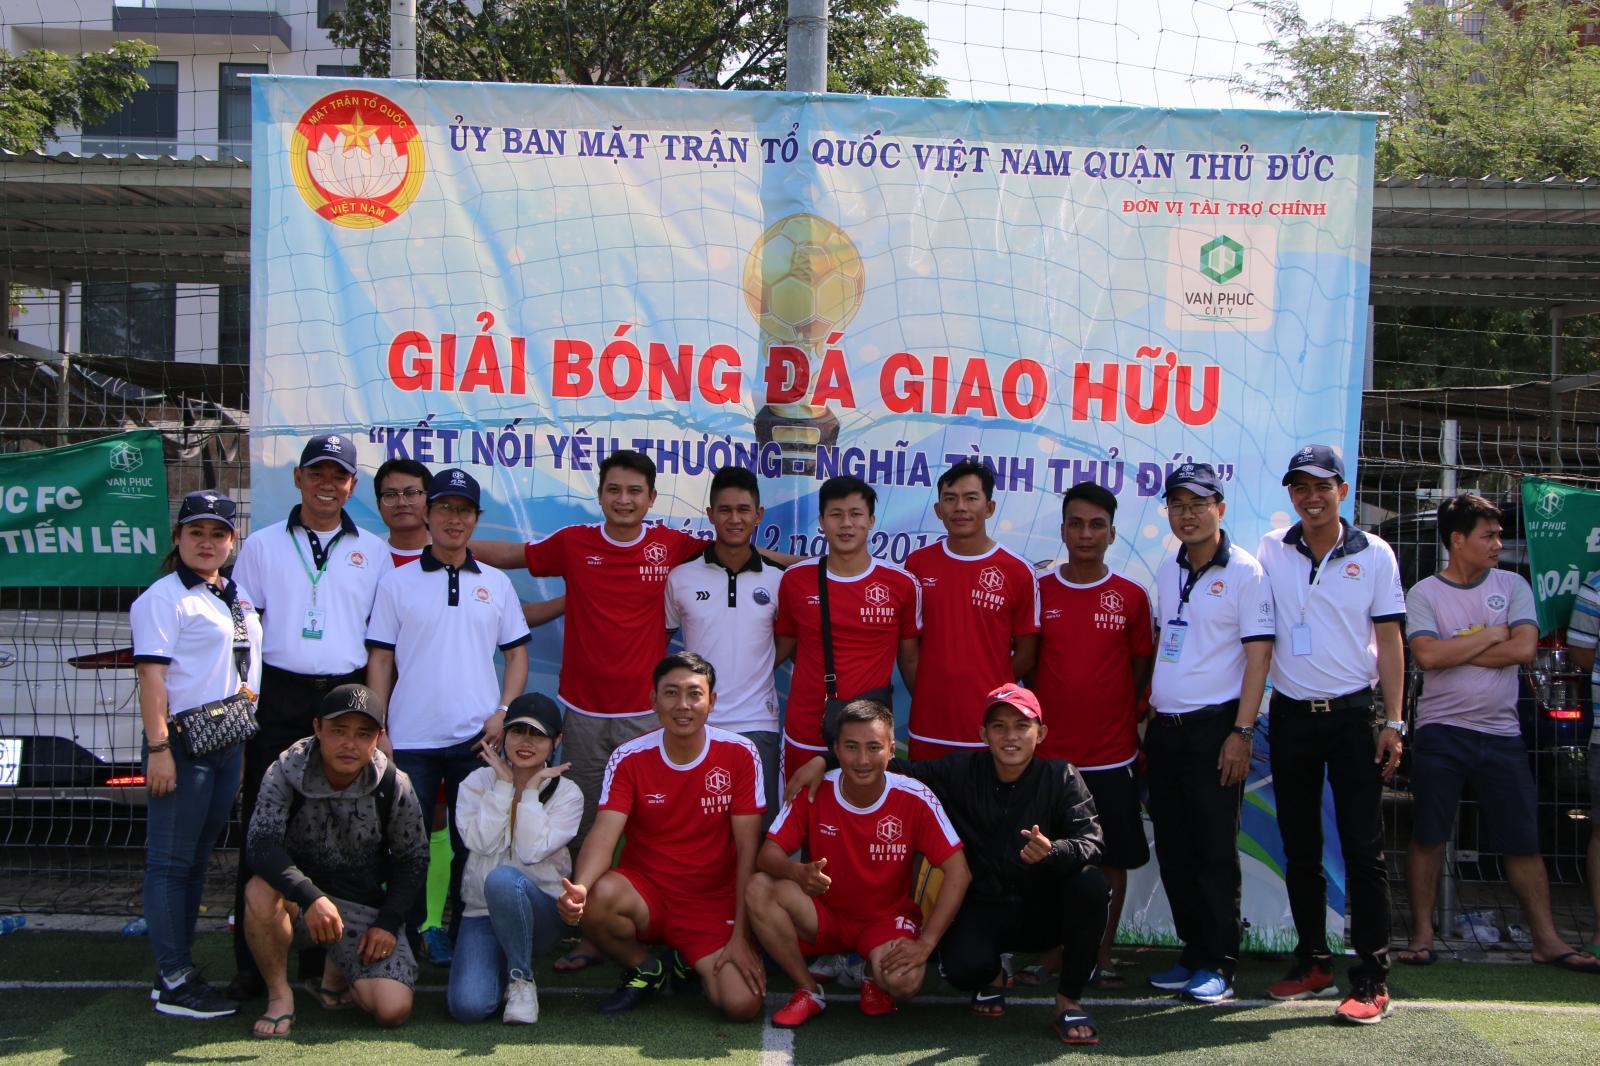 1 đội hình người phía trước ngồi, phía sau đứng trước 1 tấm phông giải bóng đá